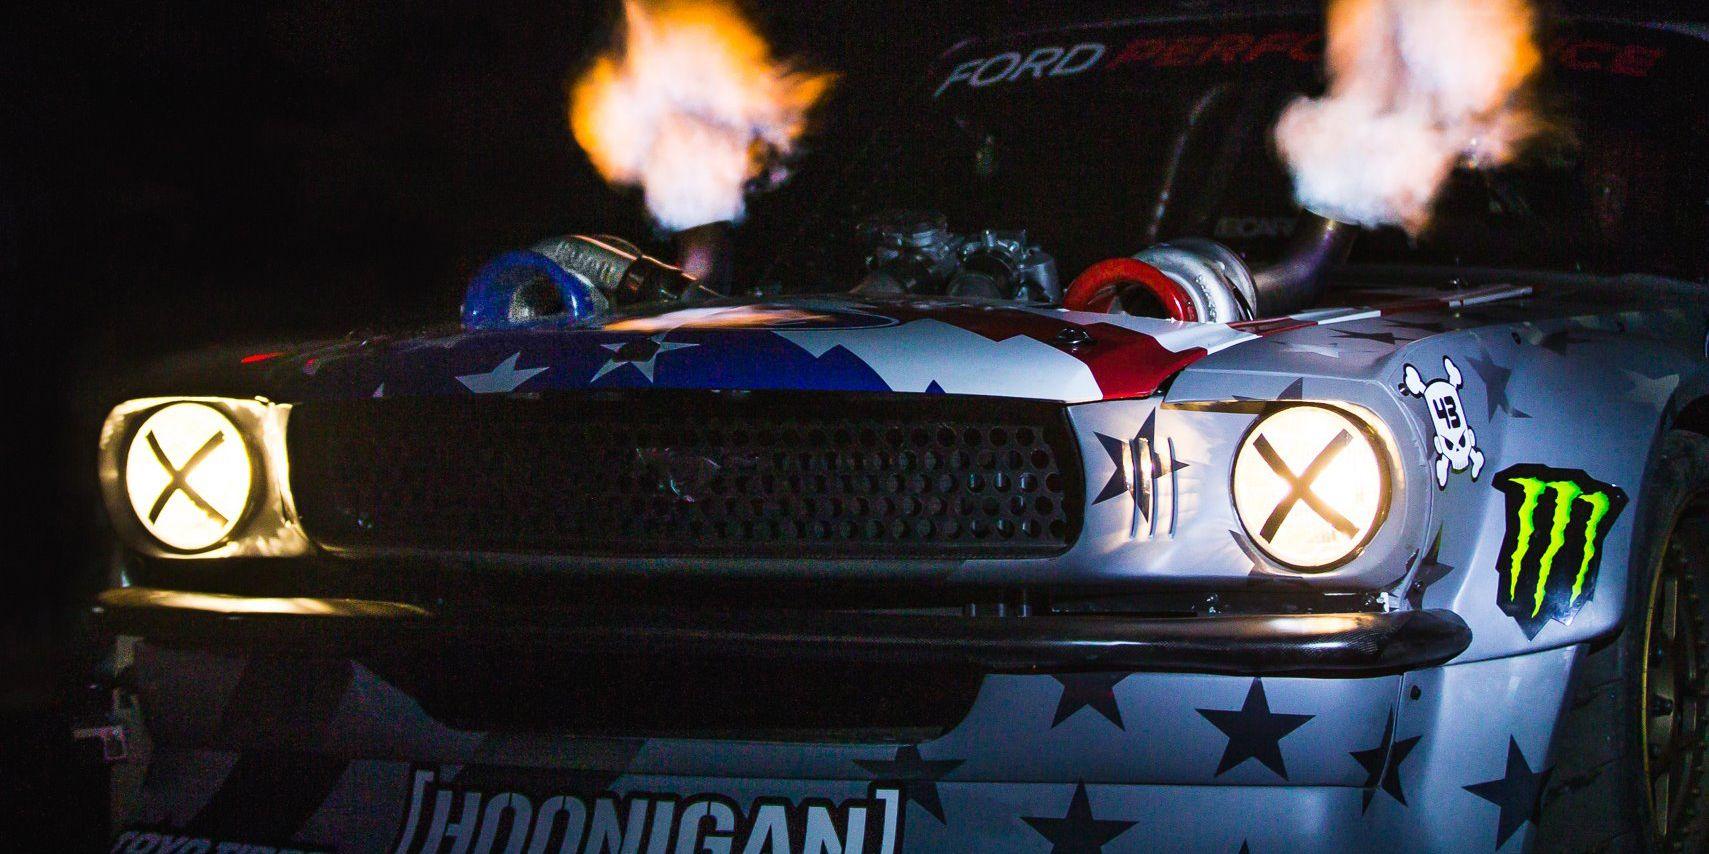 Ken block hoonicorn 2 hoonigan twin turbo mustang drift car